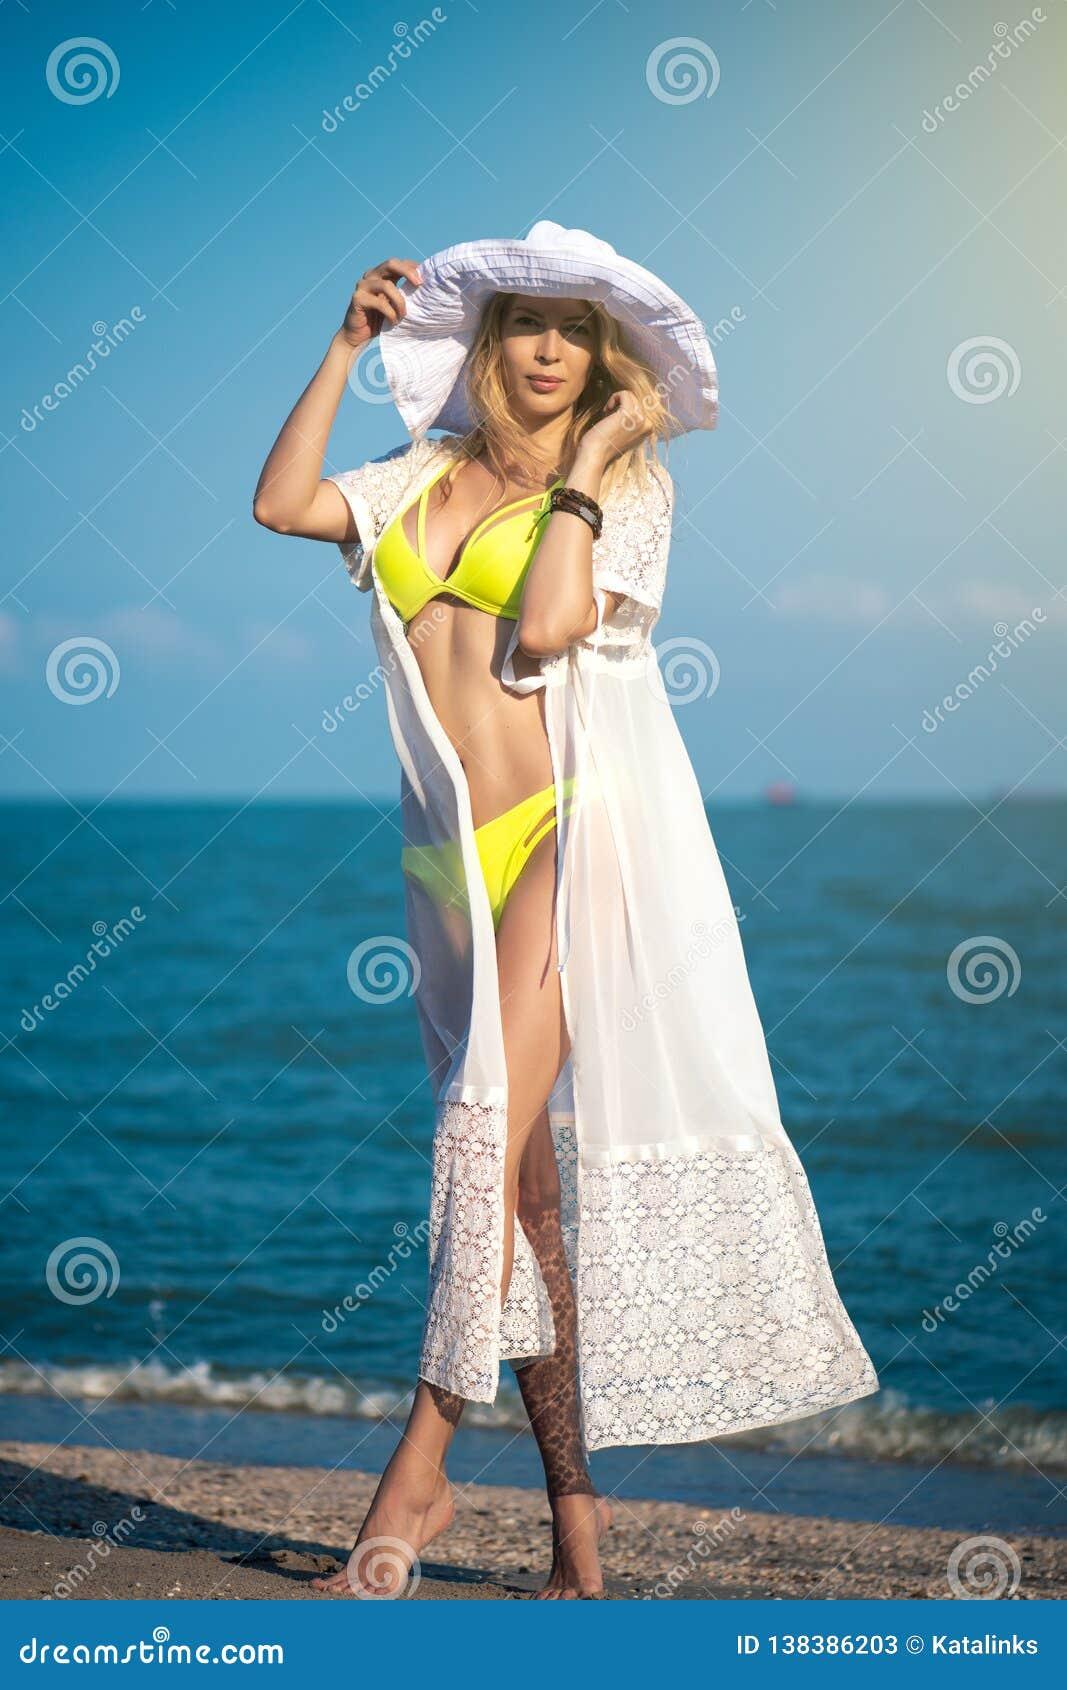 Modèle magnifique de fille sur la plage sur le bord de la mer dans le maillot de bain jaune, la robe blanche et le grand chapeau